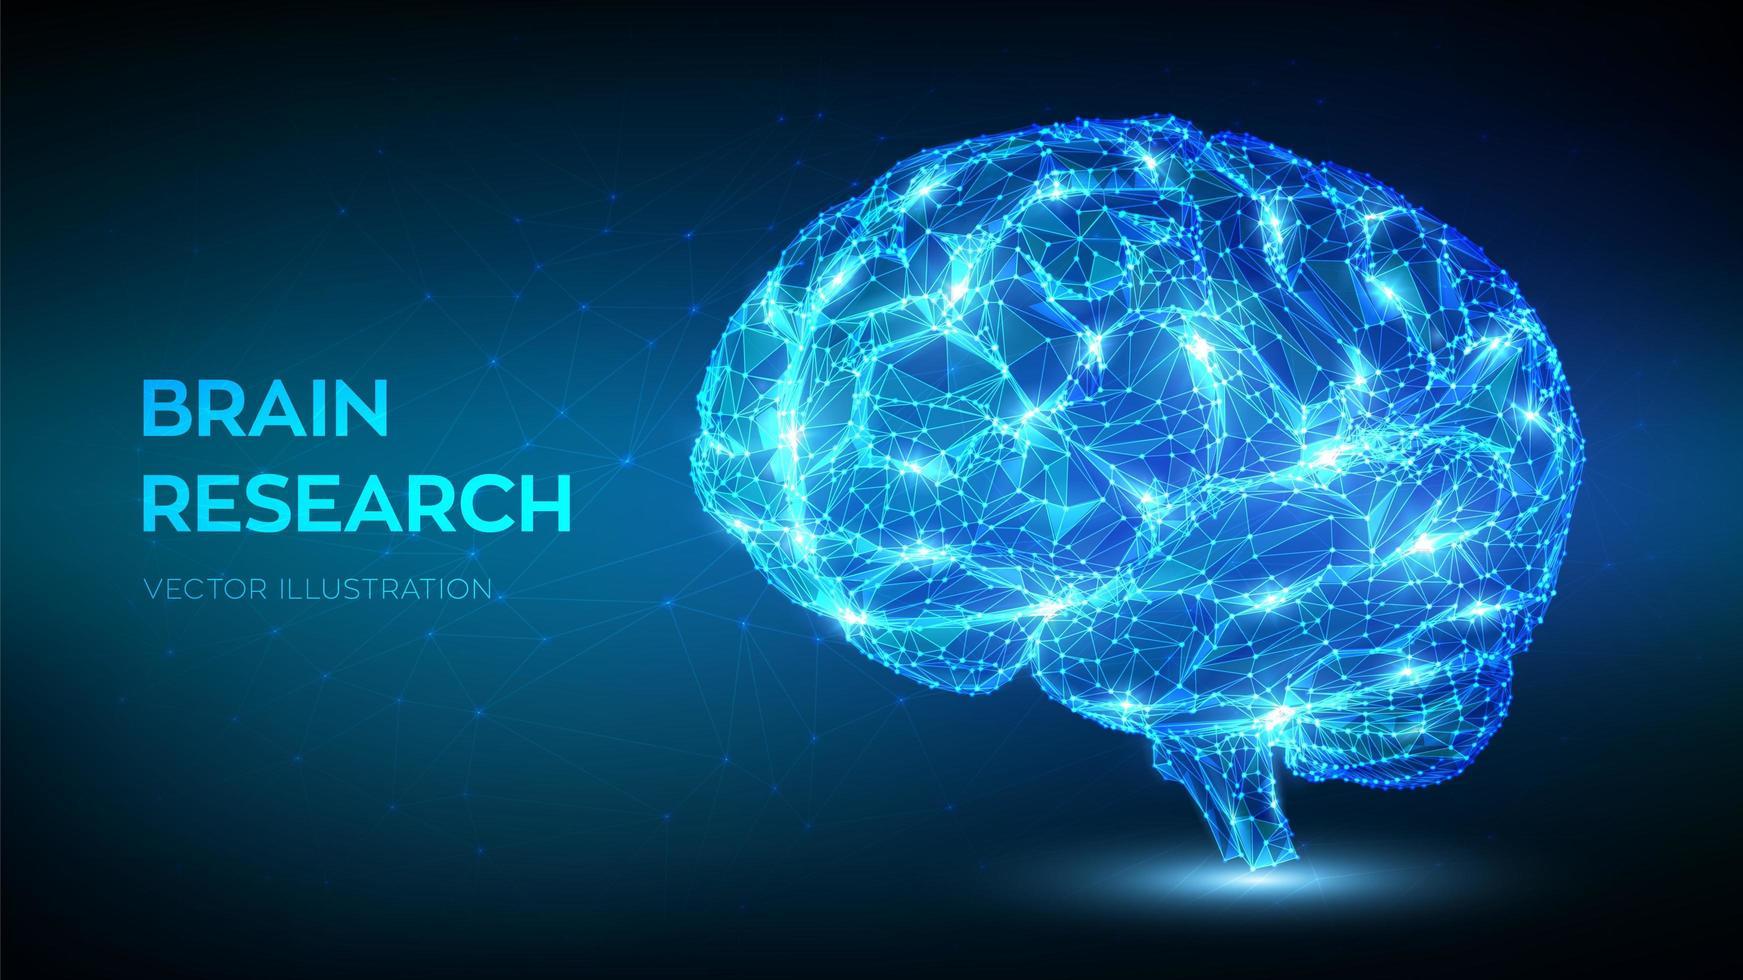 cérebro humano digital abstrato poligonal baixo vetor